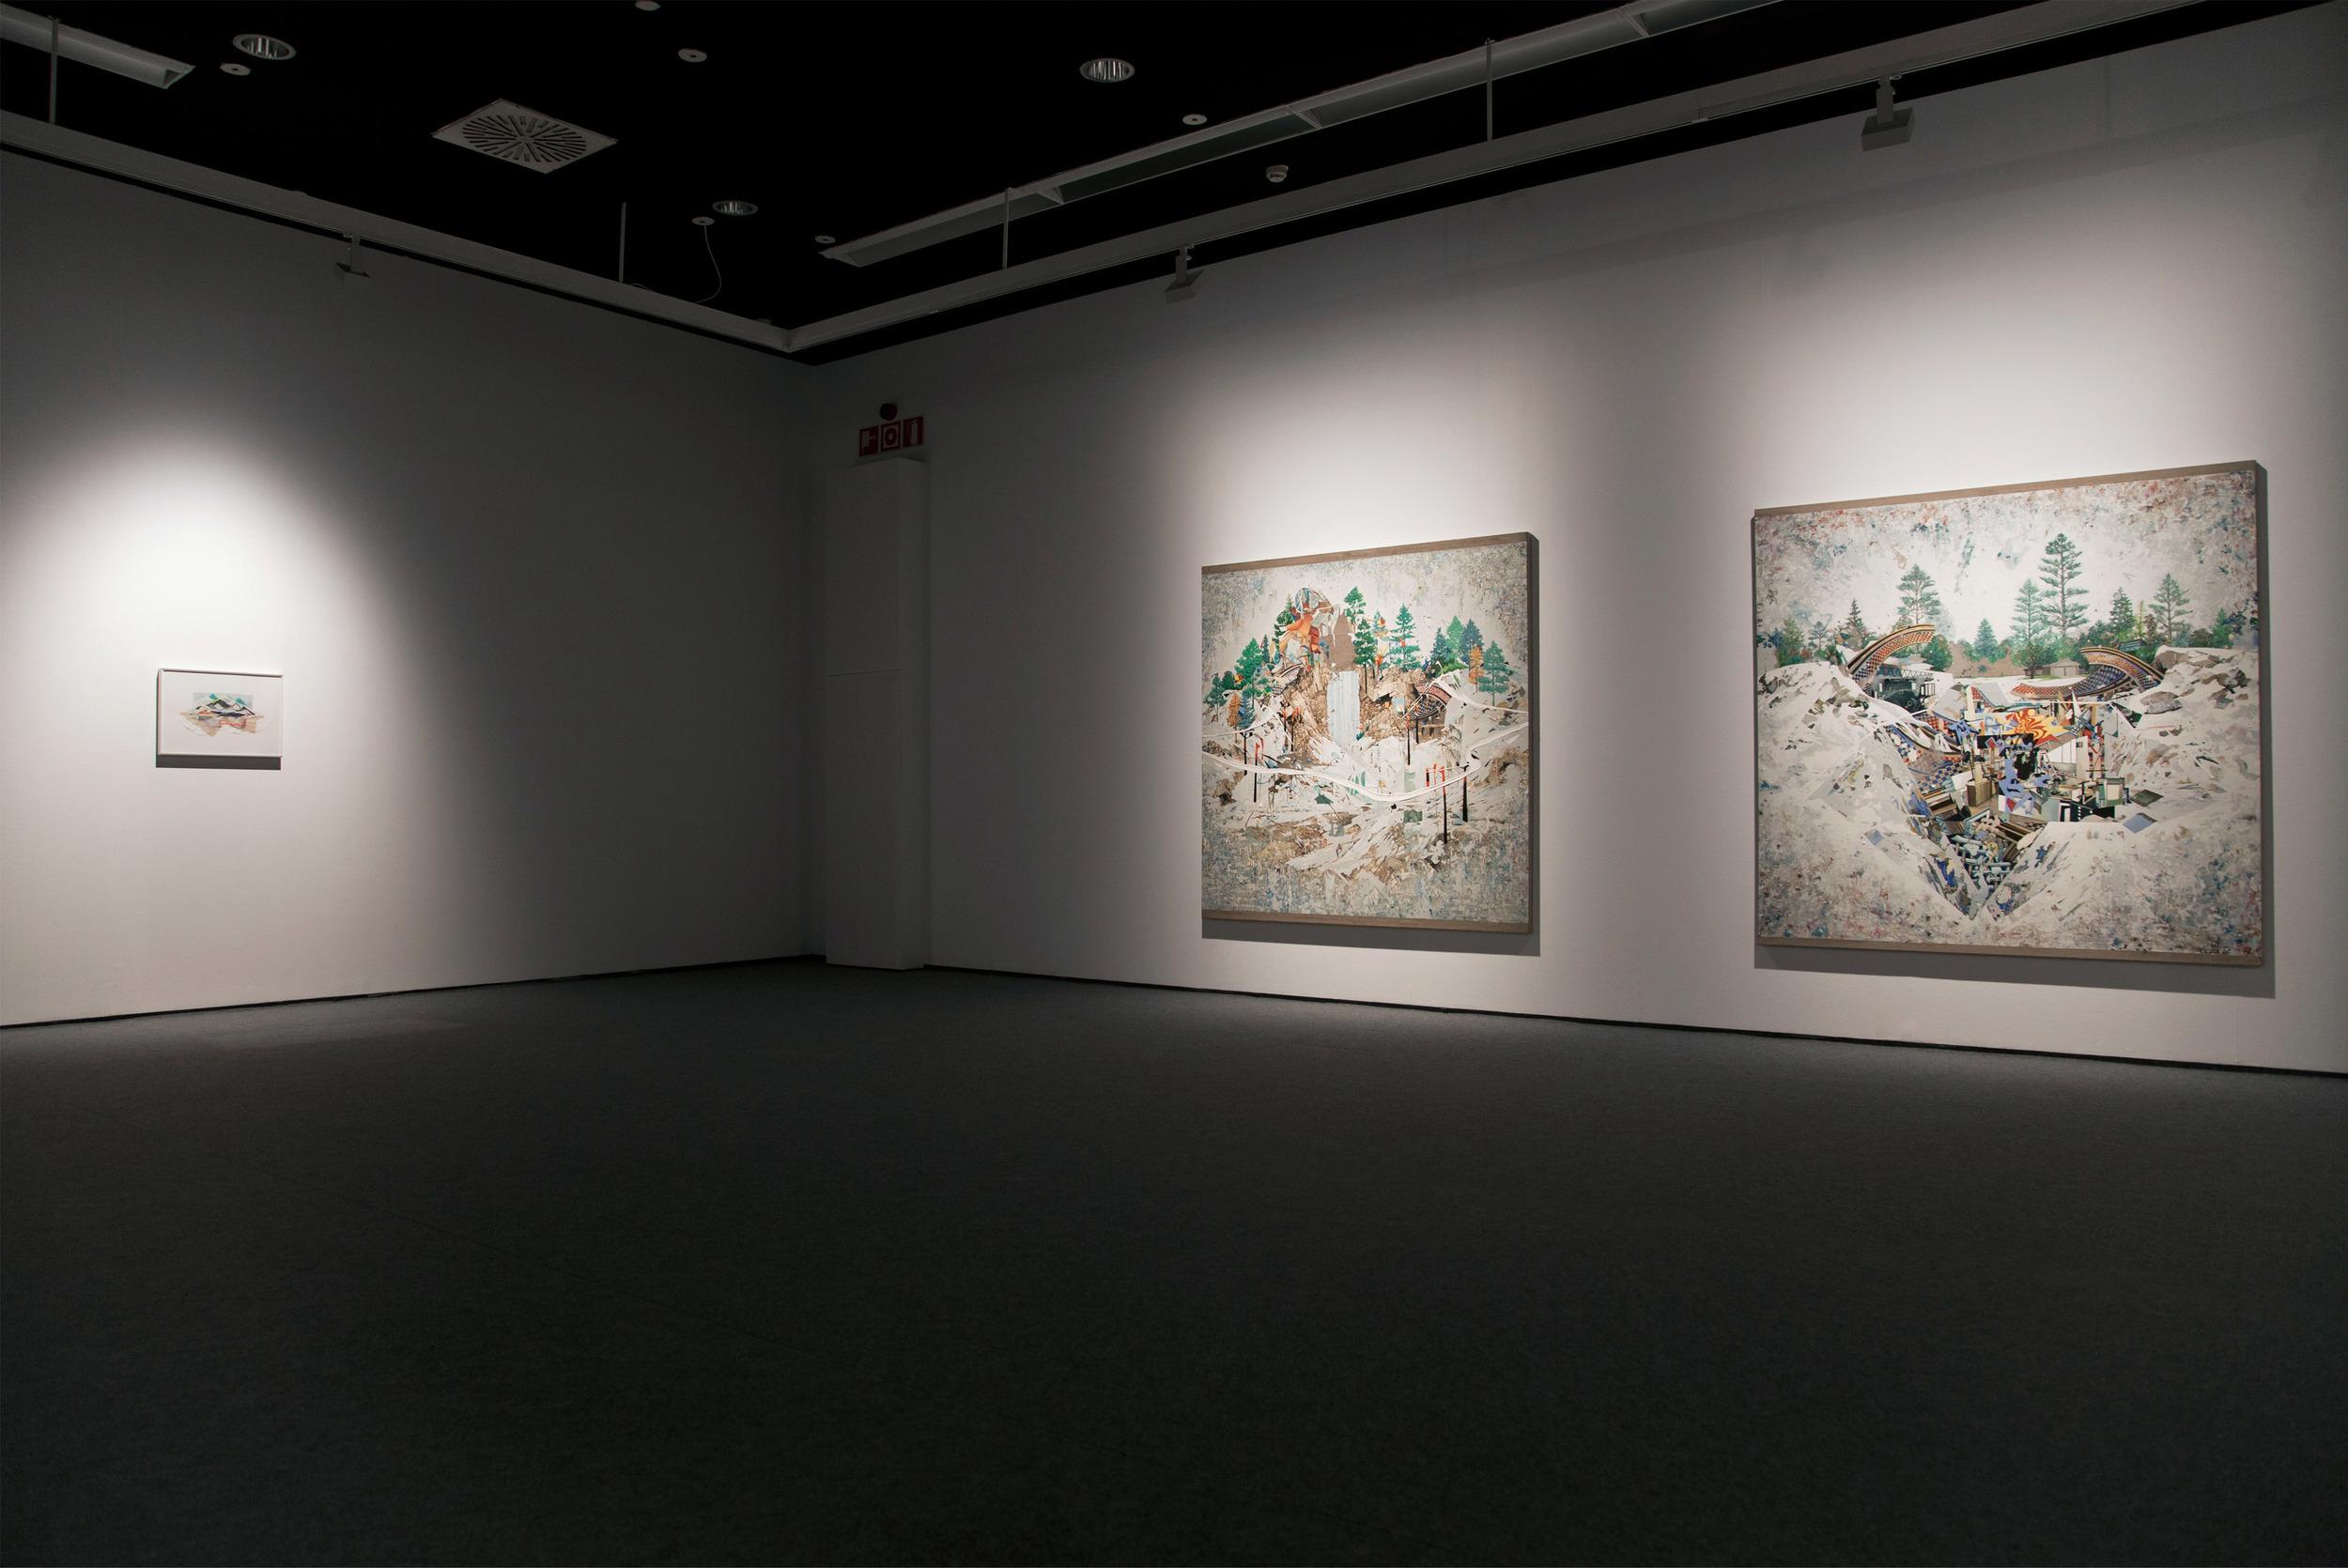 Vista de exposición  .2014. Antes de irse. 40 Ideas sobre Pintura. Museo de Arte Contemporáneo de La Coruña ( MAC), 2013.